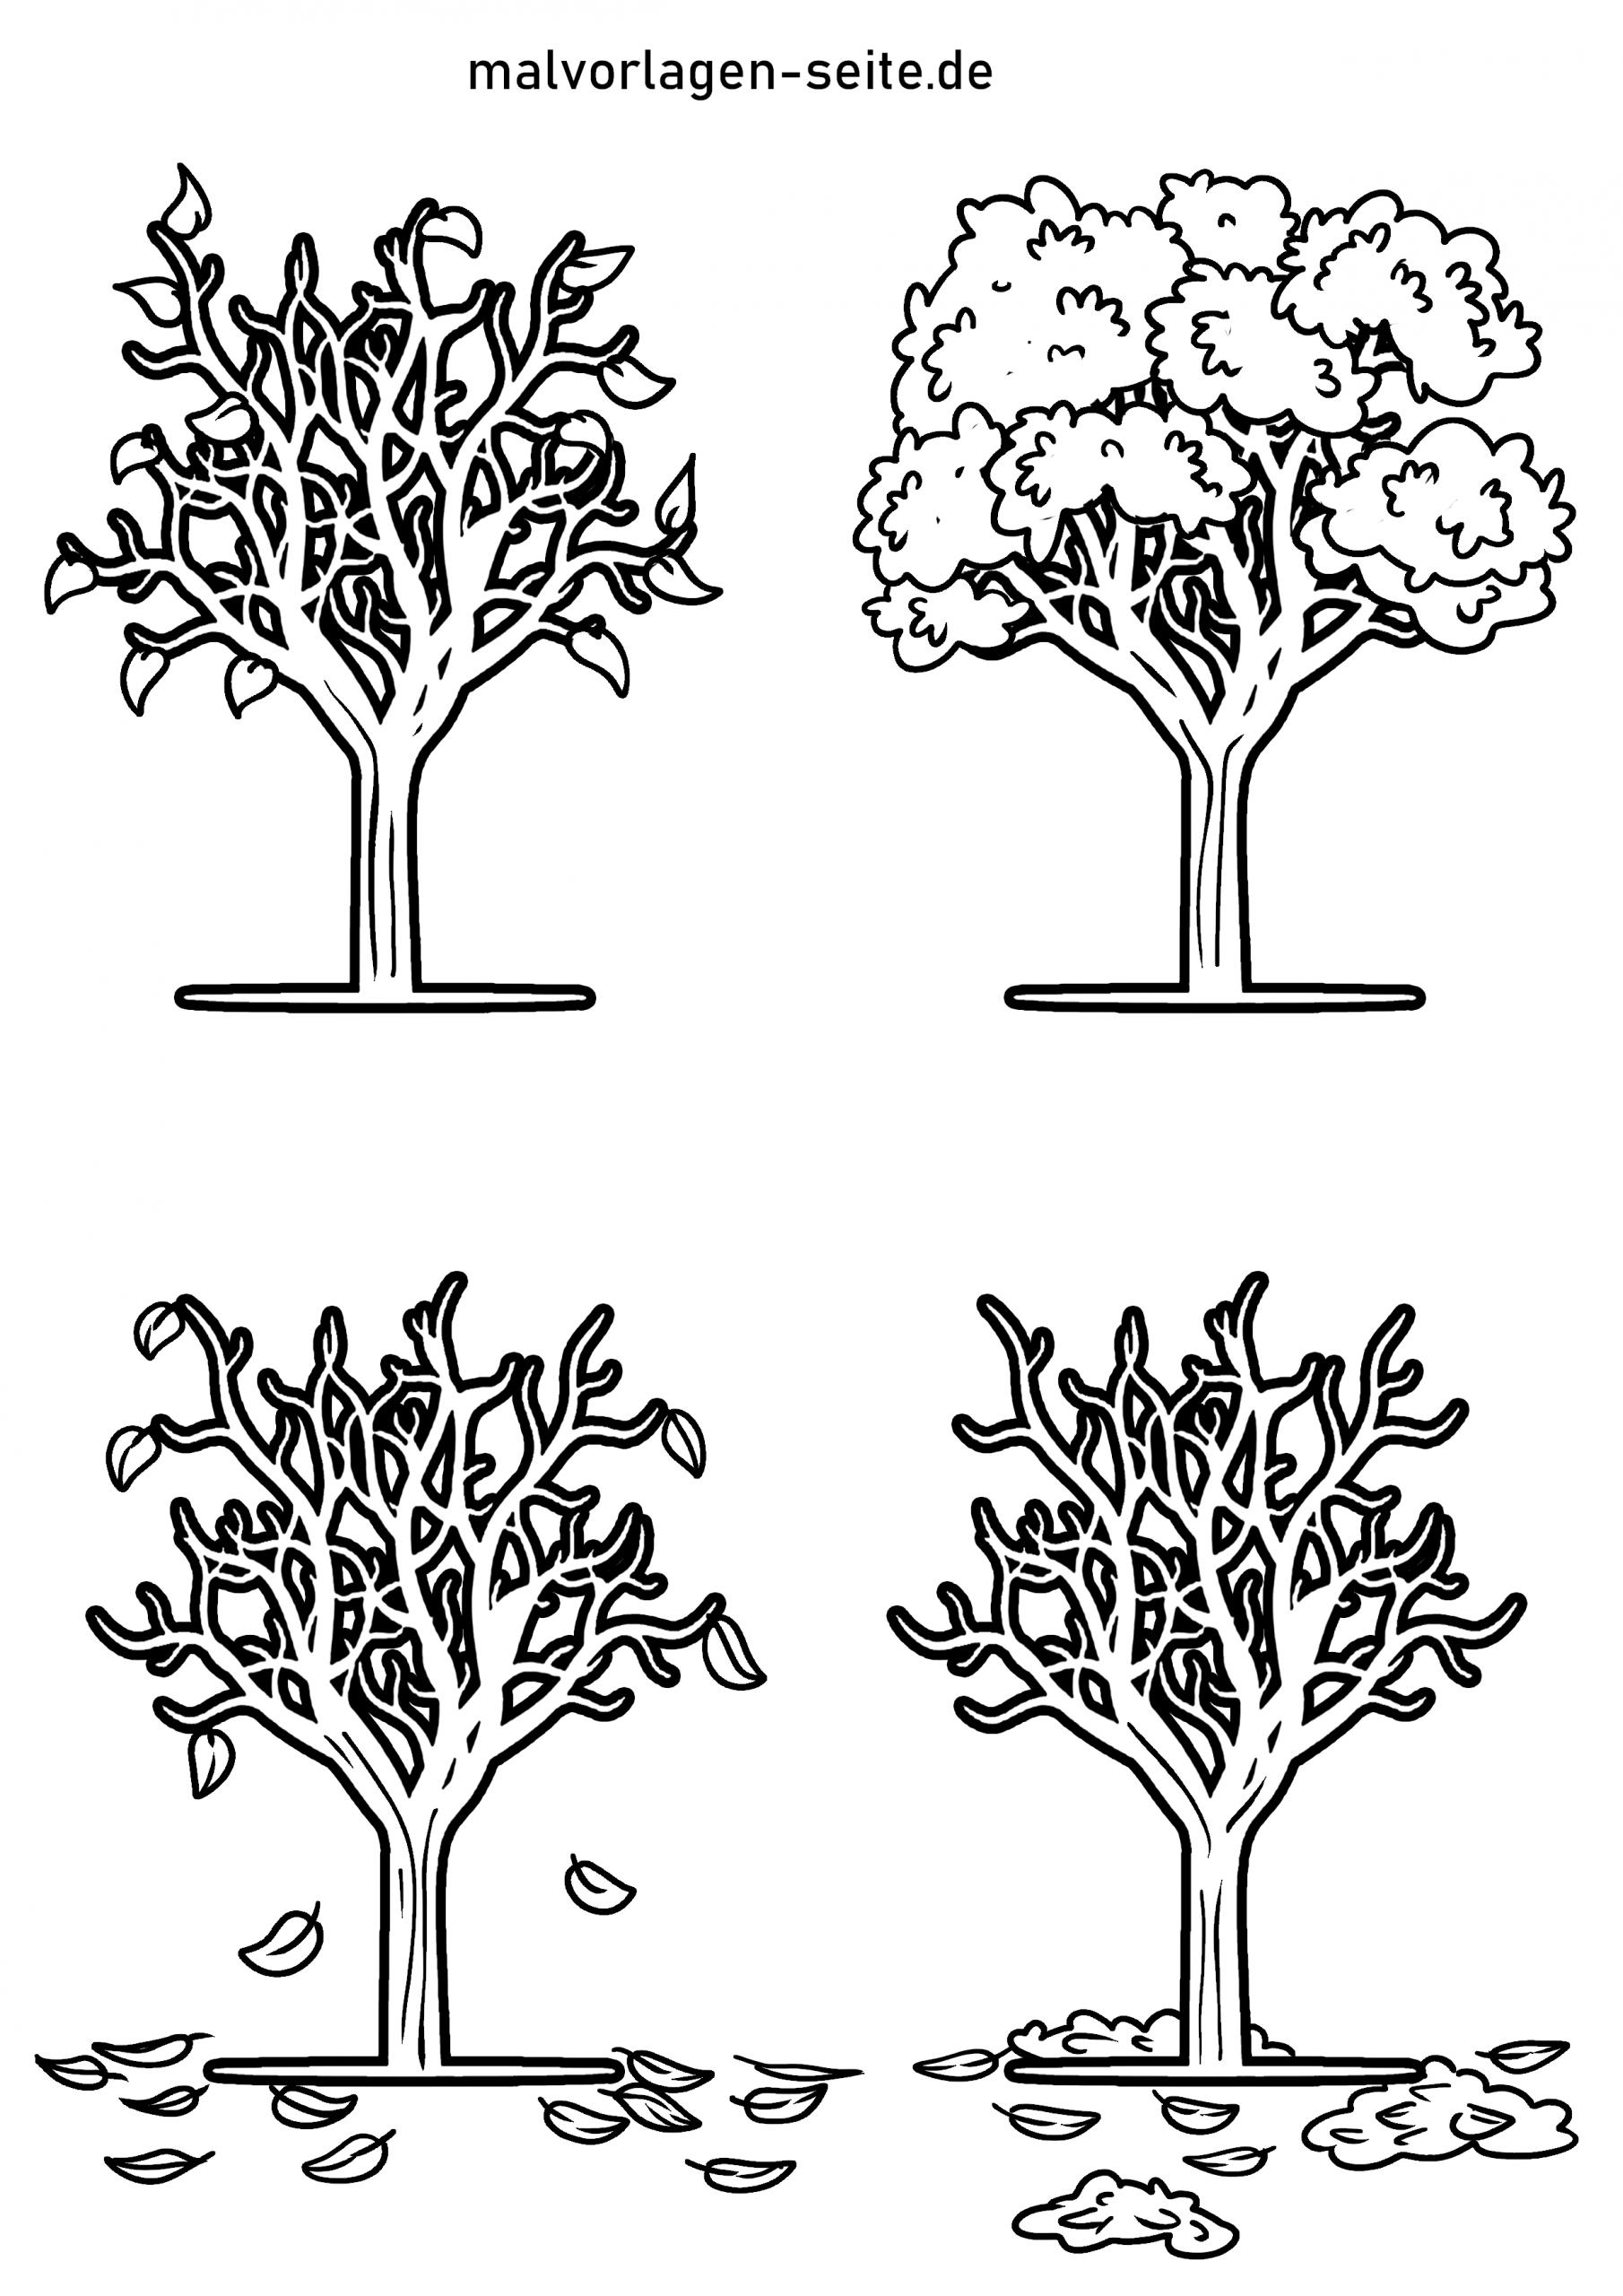 Malvorlage Baum 4 Jahreszeiten | Pflanzen - Ausmalbilder bestimmt für Malvorlagen Baum